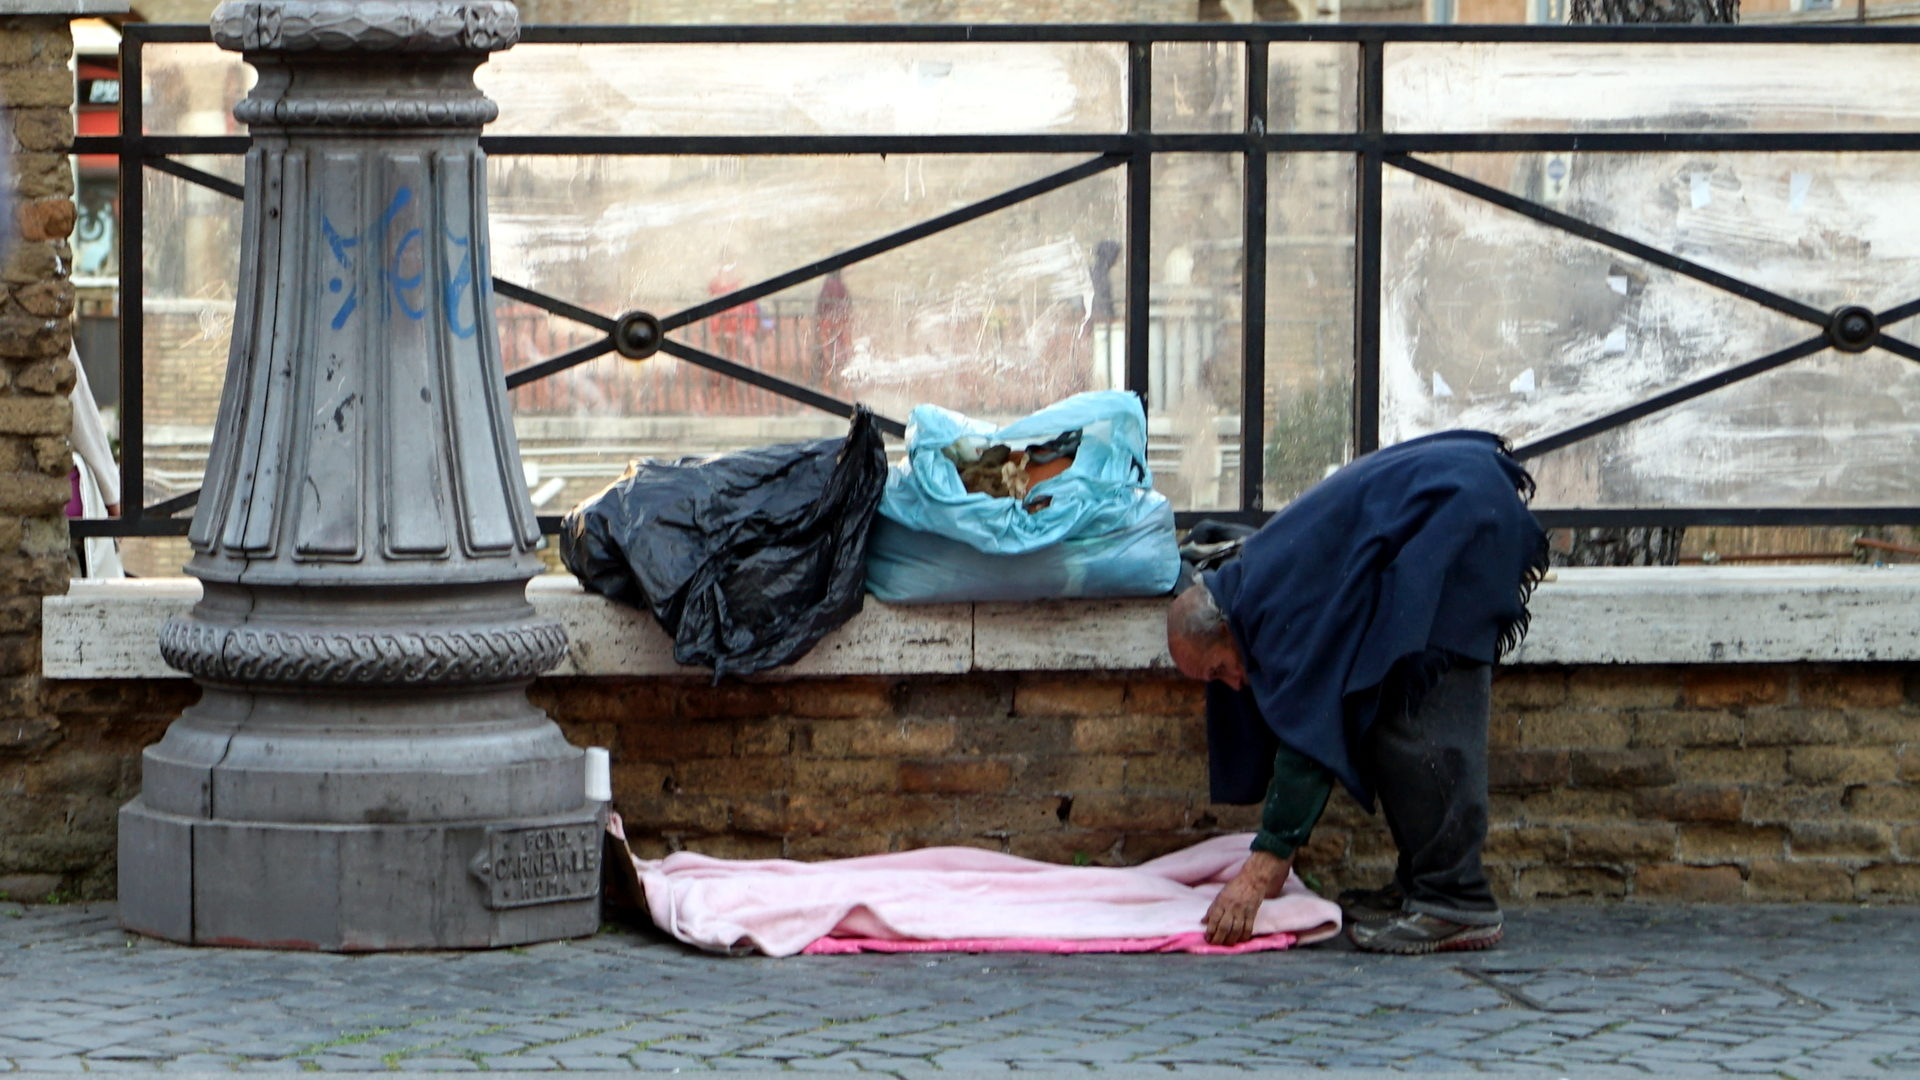 Le pape fran ois rend accessible les dortoirs du vatican - Les beatitudes une secte aux portes du vatican ...